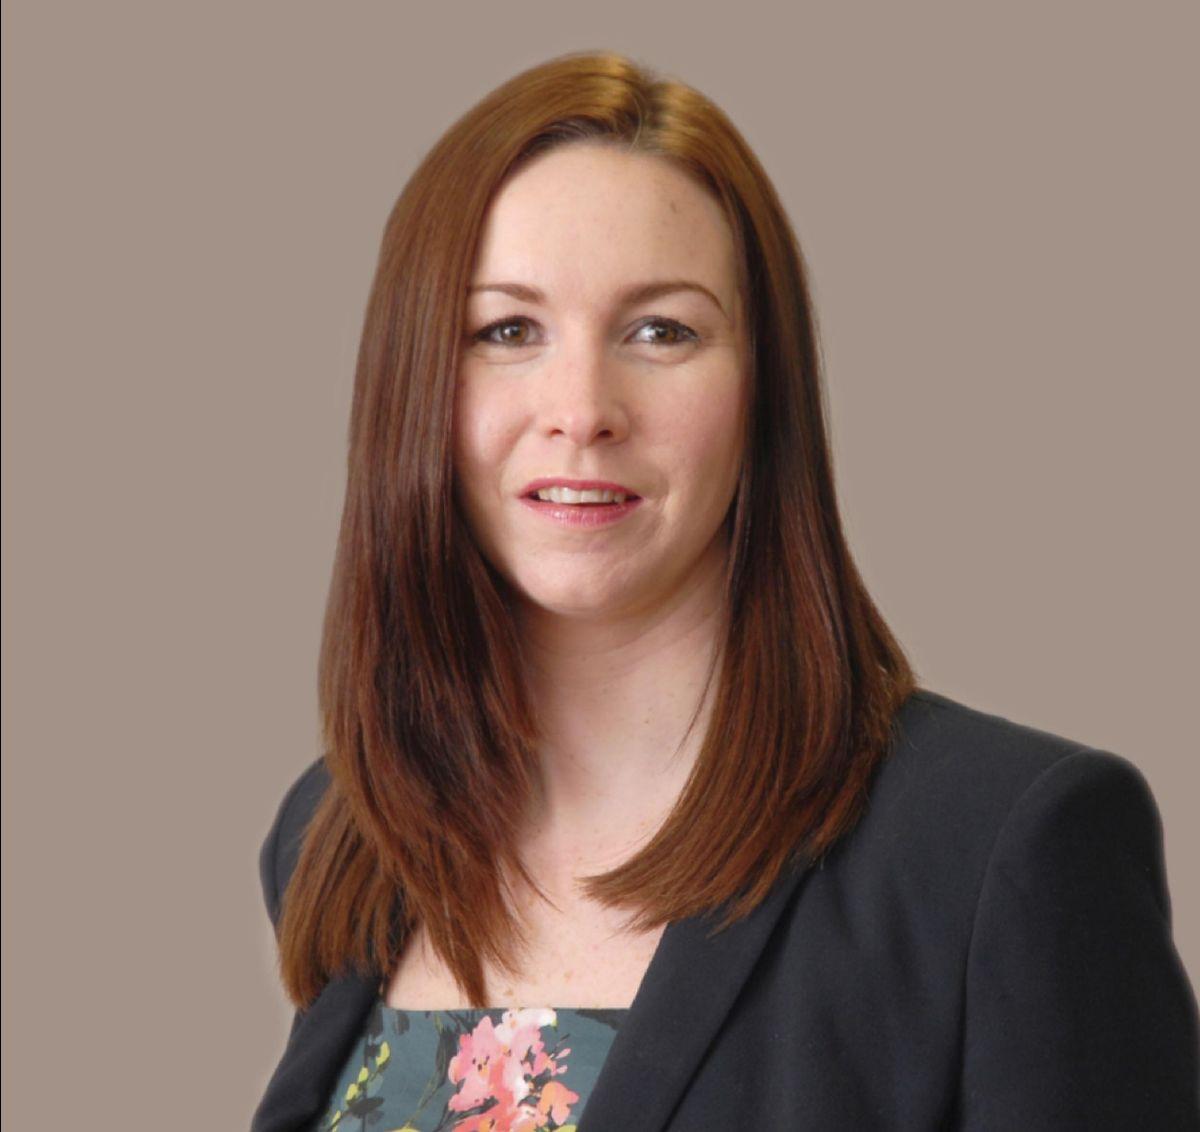 Natalie Chapman